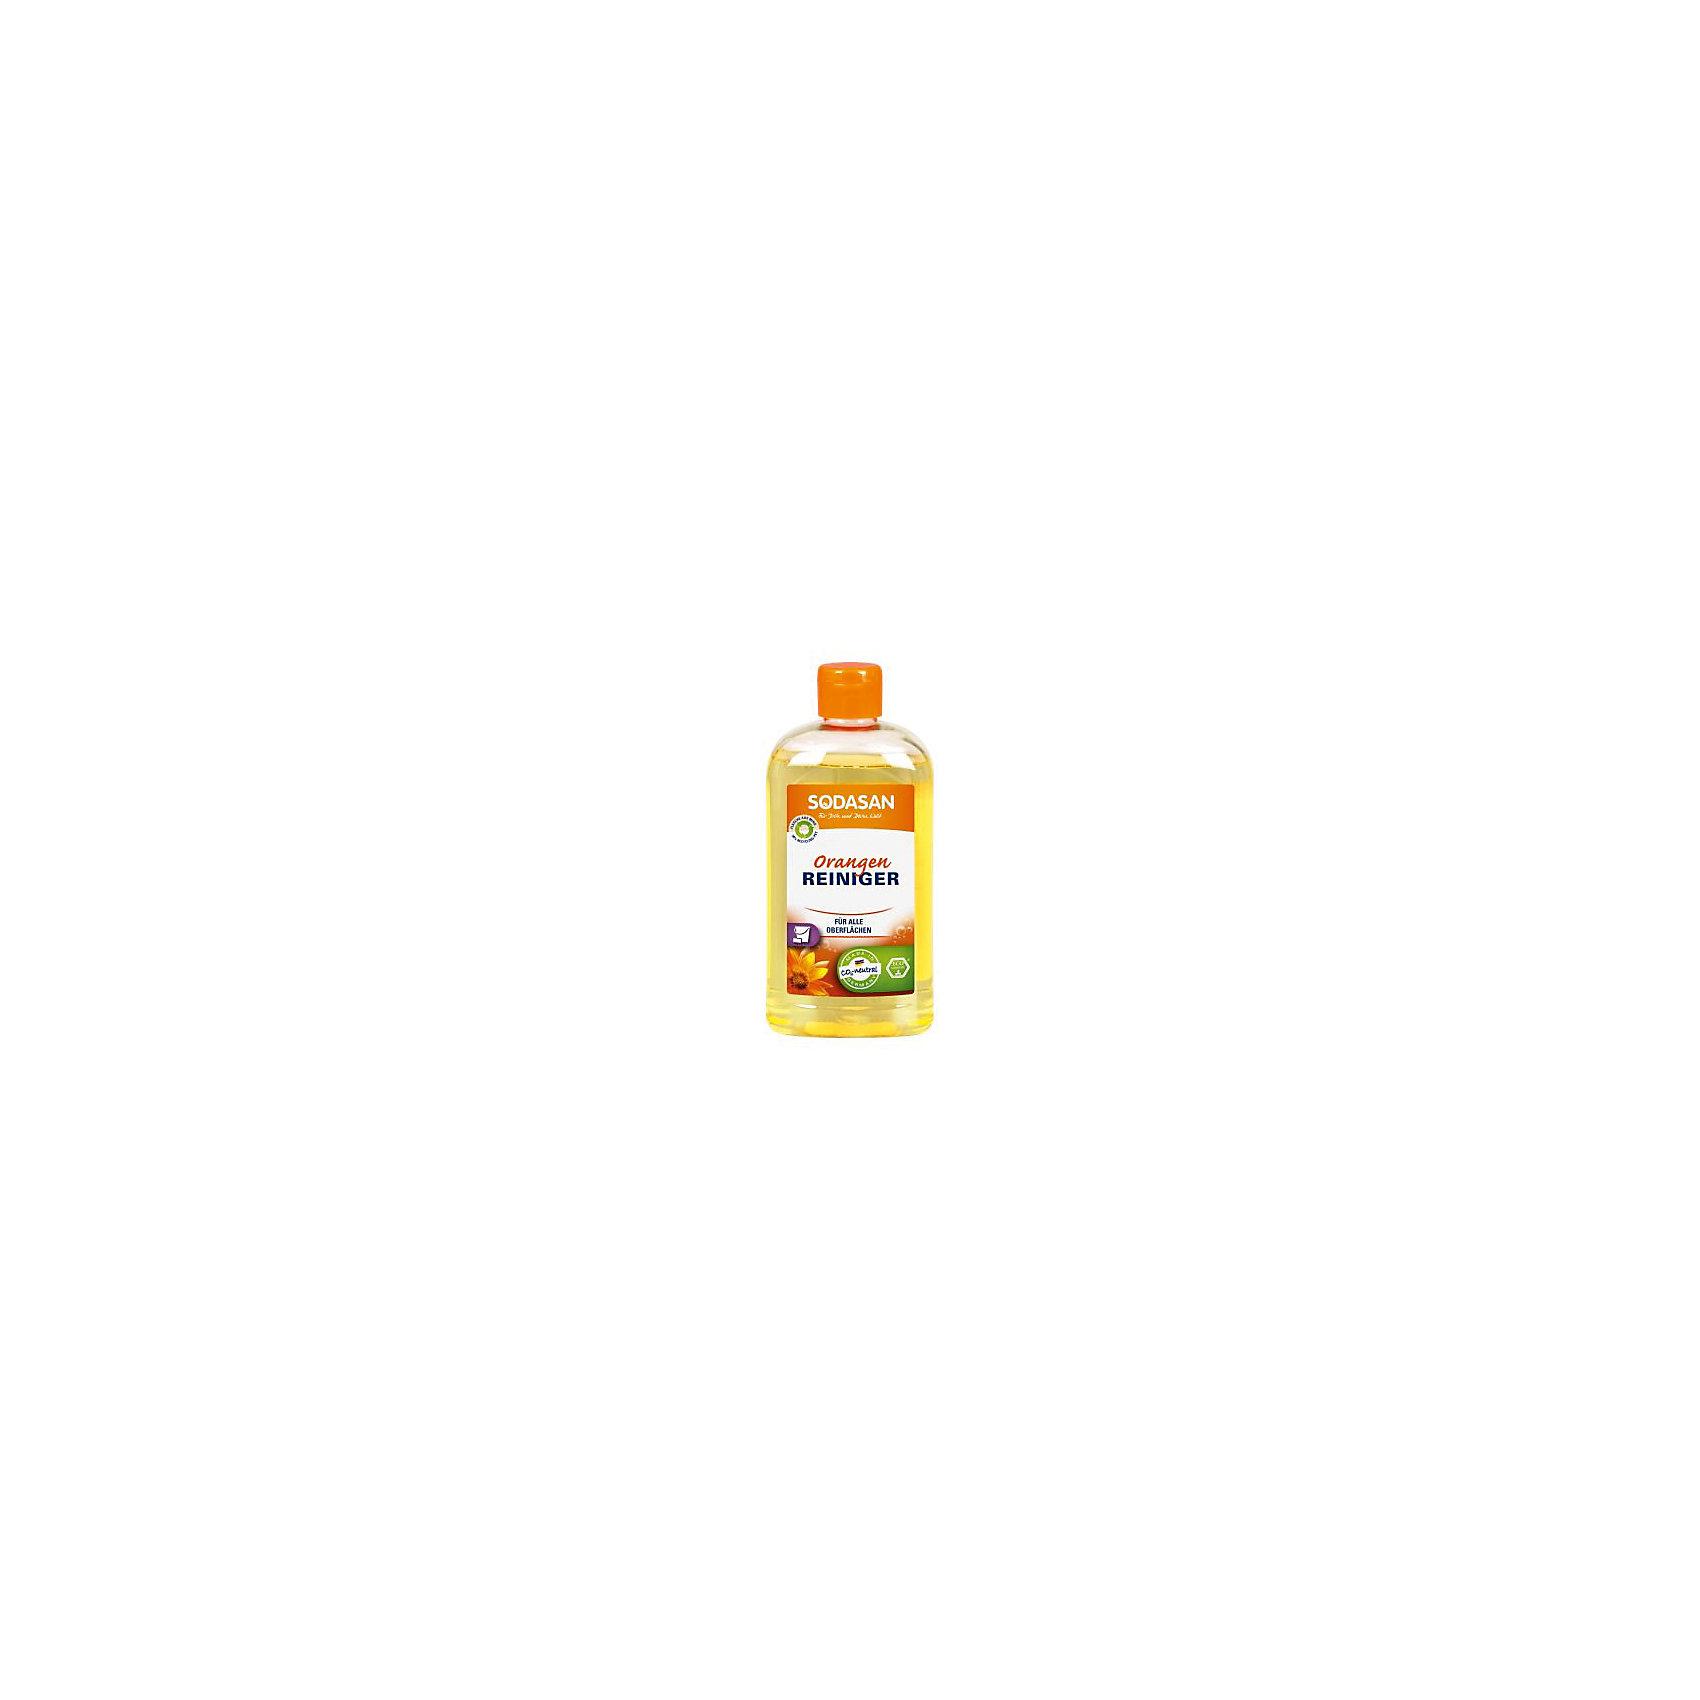 Средство универсальное моющее апельсин 500мл, SodasanУниверсальный очиститель с растворяющим действием<br>Преимущества:<br><br>универсальность применения, универсальный очиститель<br>естественный, свежий апельсиновый аромат<br>высококонцентрированный и эффективный<br>без красителей или консервантов<br>Использование:<br>Для тщательной очистки всех гладких, очищаемых поверхностей. Оставляет естественный свежий запах апельсинов.<br><br>Экологические преимущества:<br>Очищающее действие основано на естественном растворяющем свойстве апельсинового масла. Продукт является CO2-нейтральным. Мы используем только электроэнергию Greenpeace energy, следовательно, на 100% обходимся без ядерной энергии.<br><br>Ширина мм: 250<br>Глубина мм: 100<br>Высота мм: 250<br>Вес г: 500<br>Возраст от месяцев: 216<br>Возраст до месяцев: 1188<br>Пол: Унисекс<br>Возраст: Детский<br>SKU: 5407628